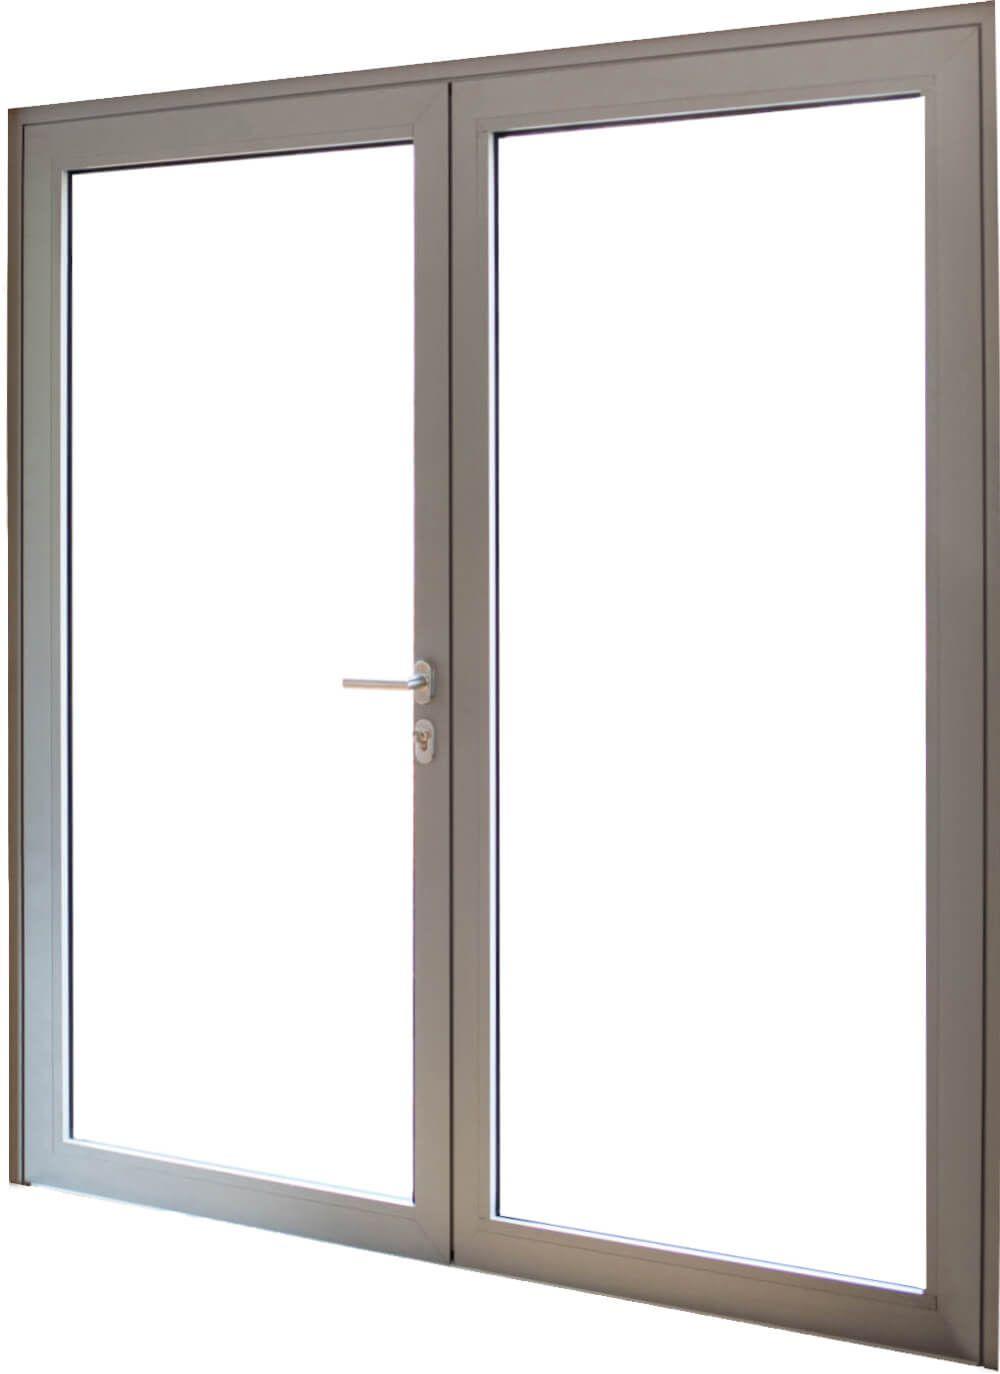 French Doors Glass Doors Modern French Doors European French Doors Glo European Windows European Doors Modern Do With Images Aluminium Doors Doors Aluminum